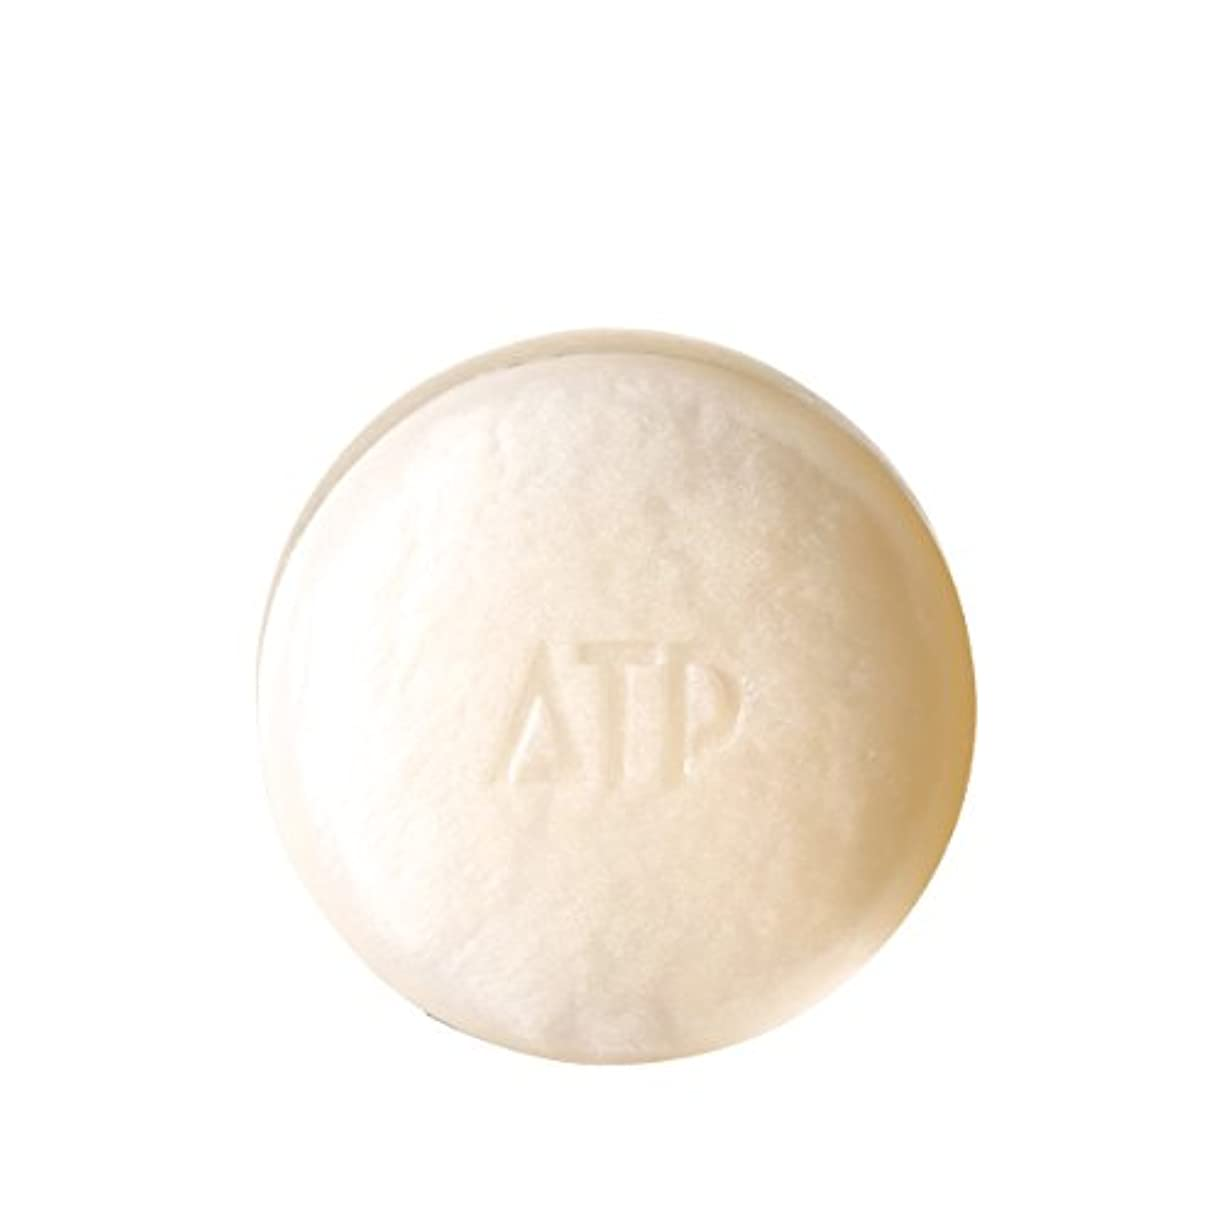 サスペンド発明顕著ラシンシア ATP デリケアソープ 100g 【全身用洗浄石けん】